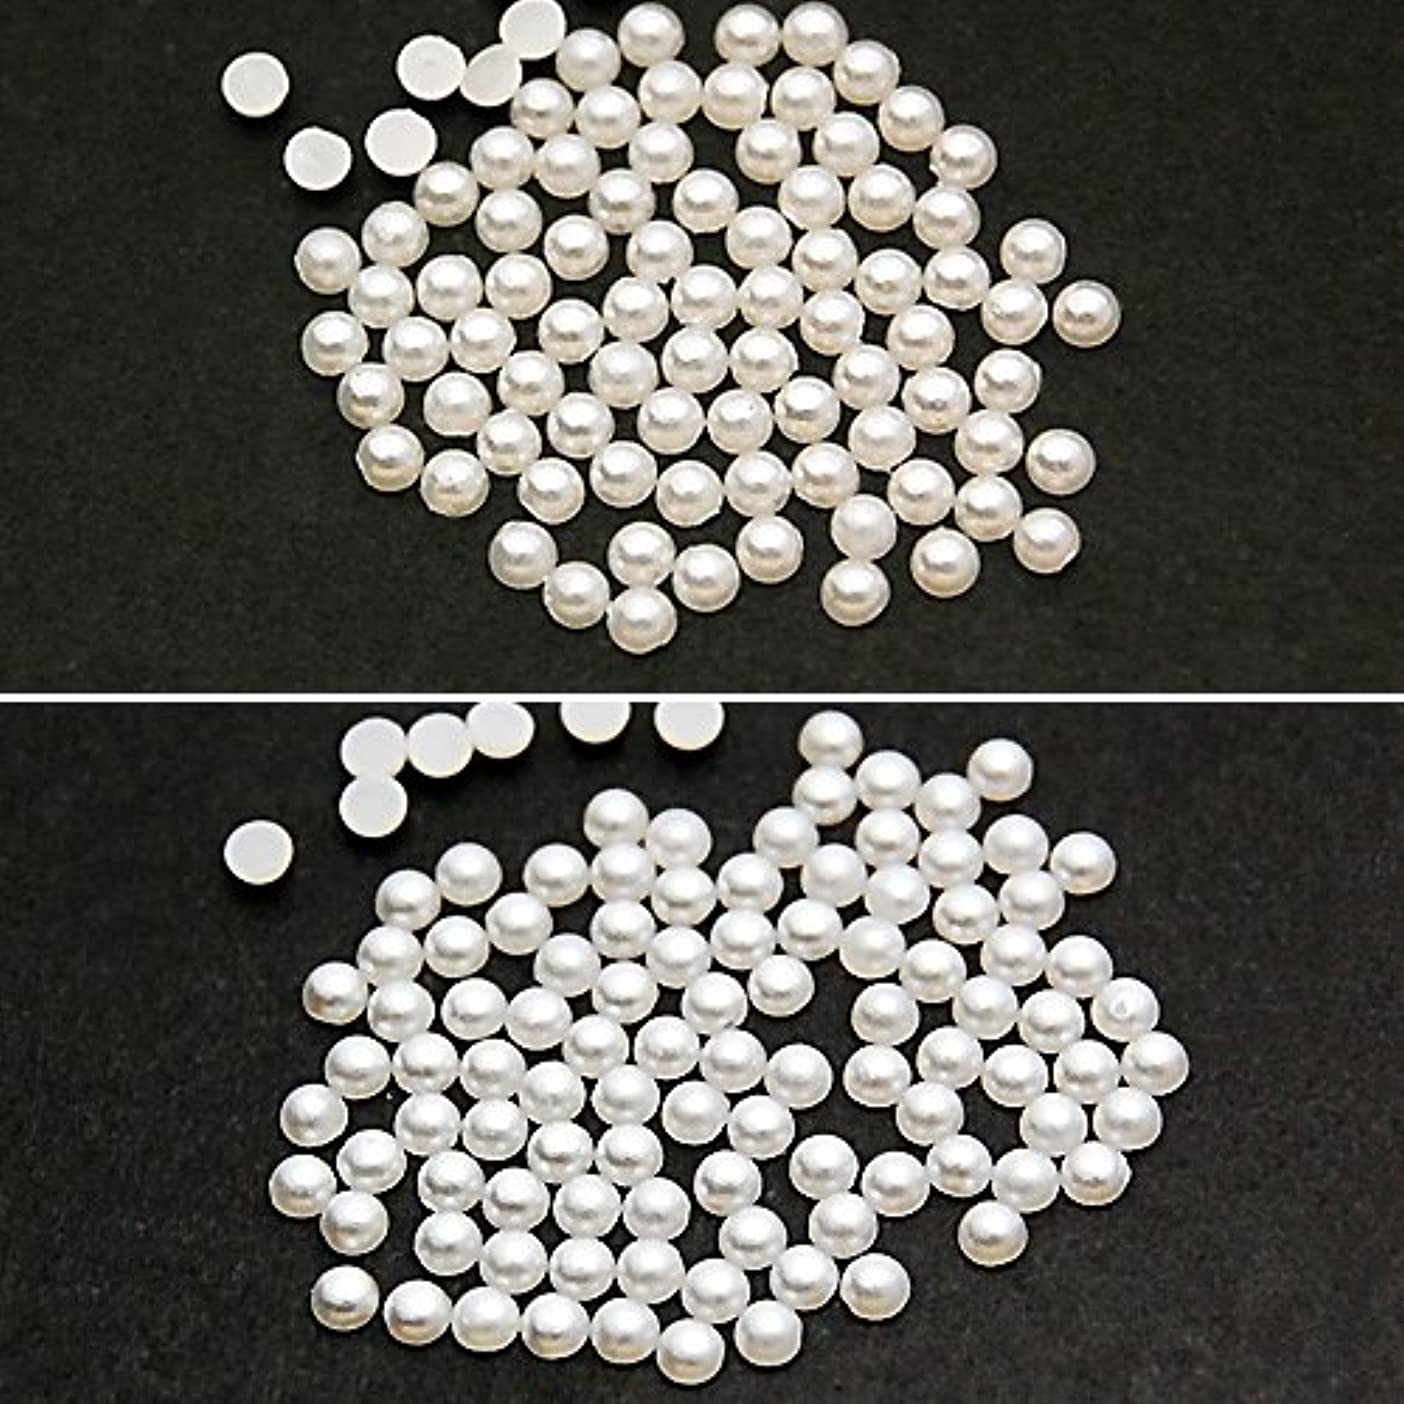 染料宿題ポテトパールストーン 丸半2mm 800粒 ホワイト